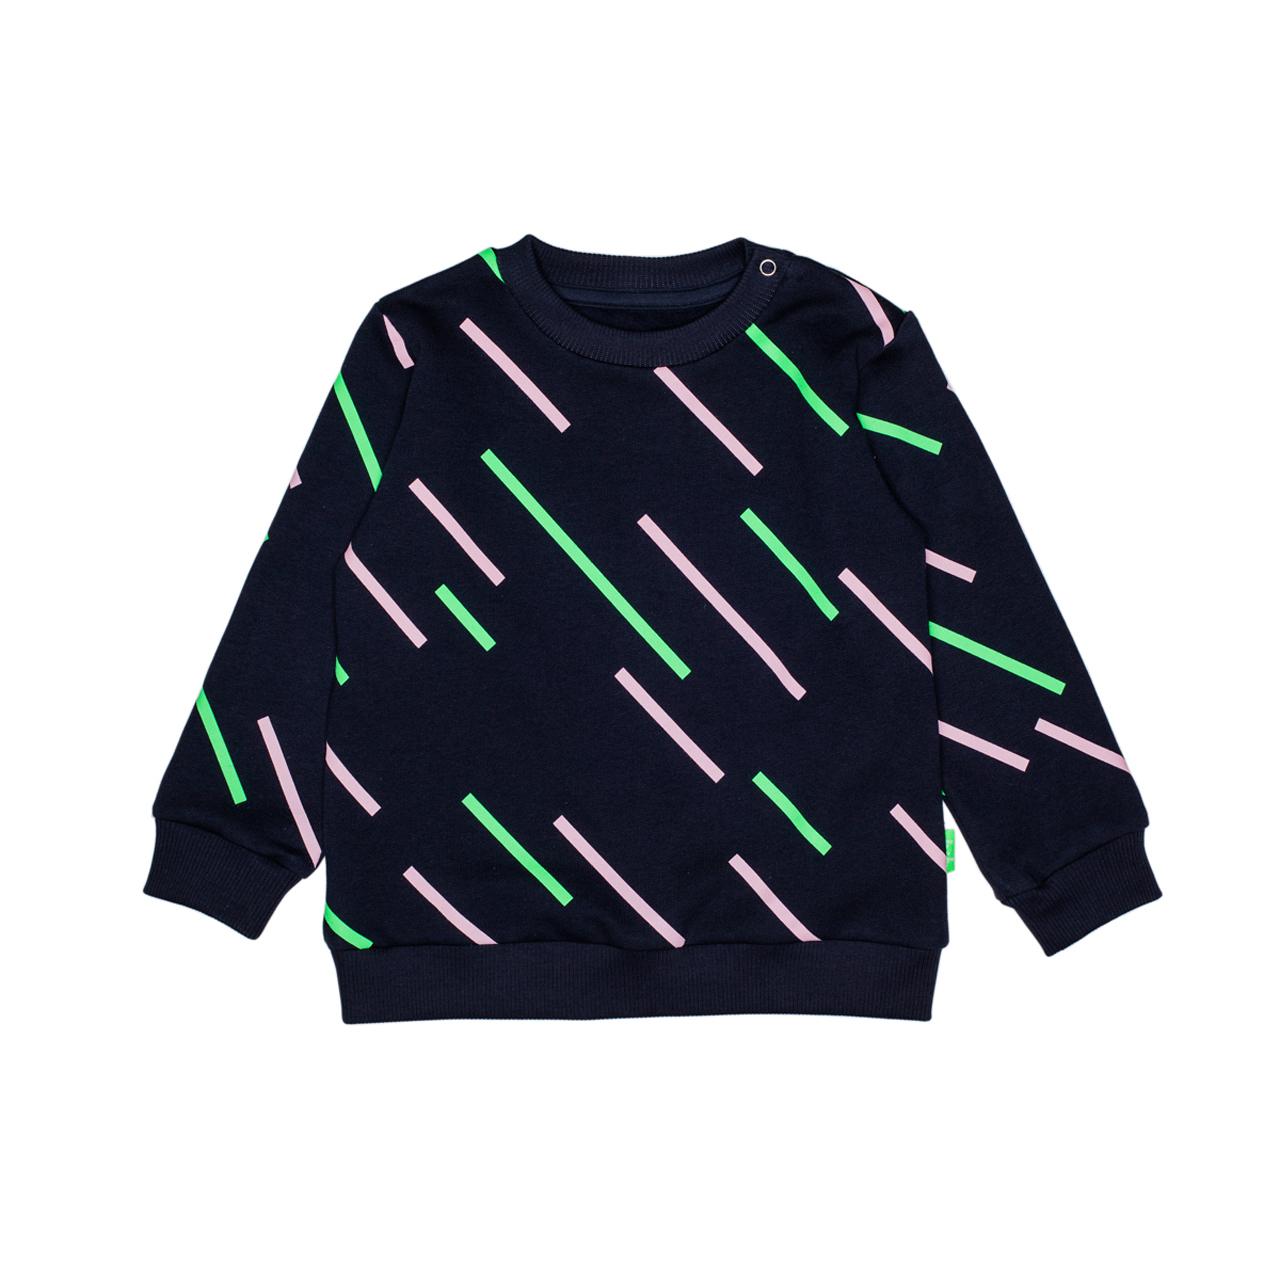 Freh Kinder-Pullover Sweatshirt Neon handmade Bio-Baumwolle - zuckerfrei | Kids Concept Store